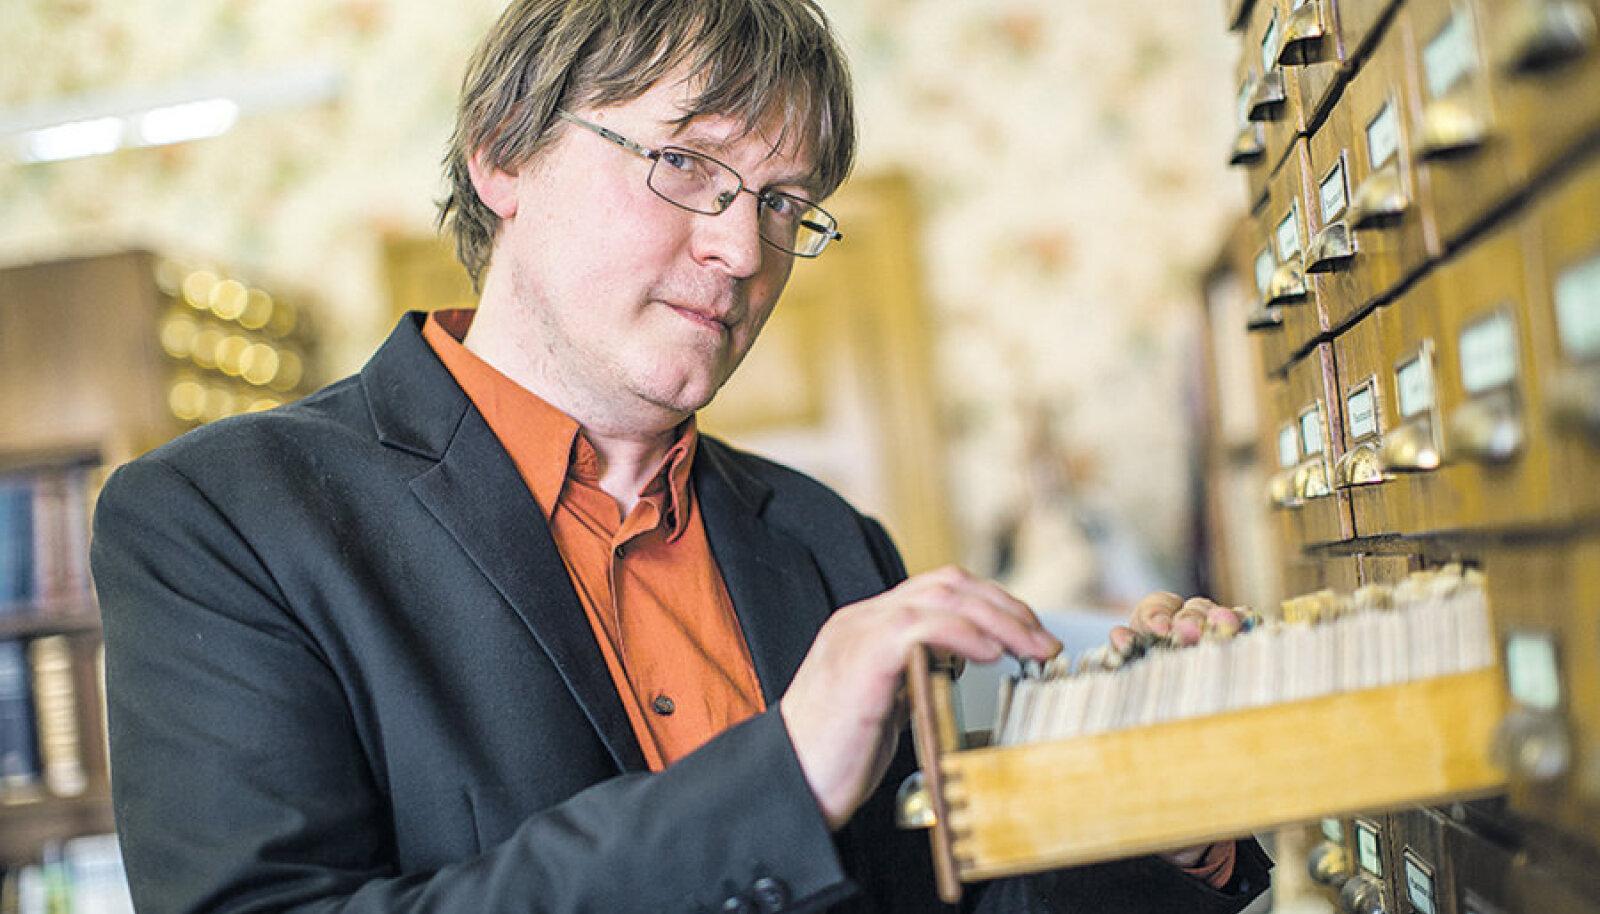 Rahvaluule arhiivi juhataja Risto Järv näitab kartoteeki, millest lõviosa on digiteerimata.